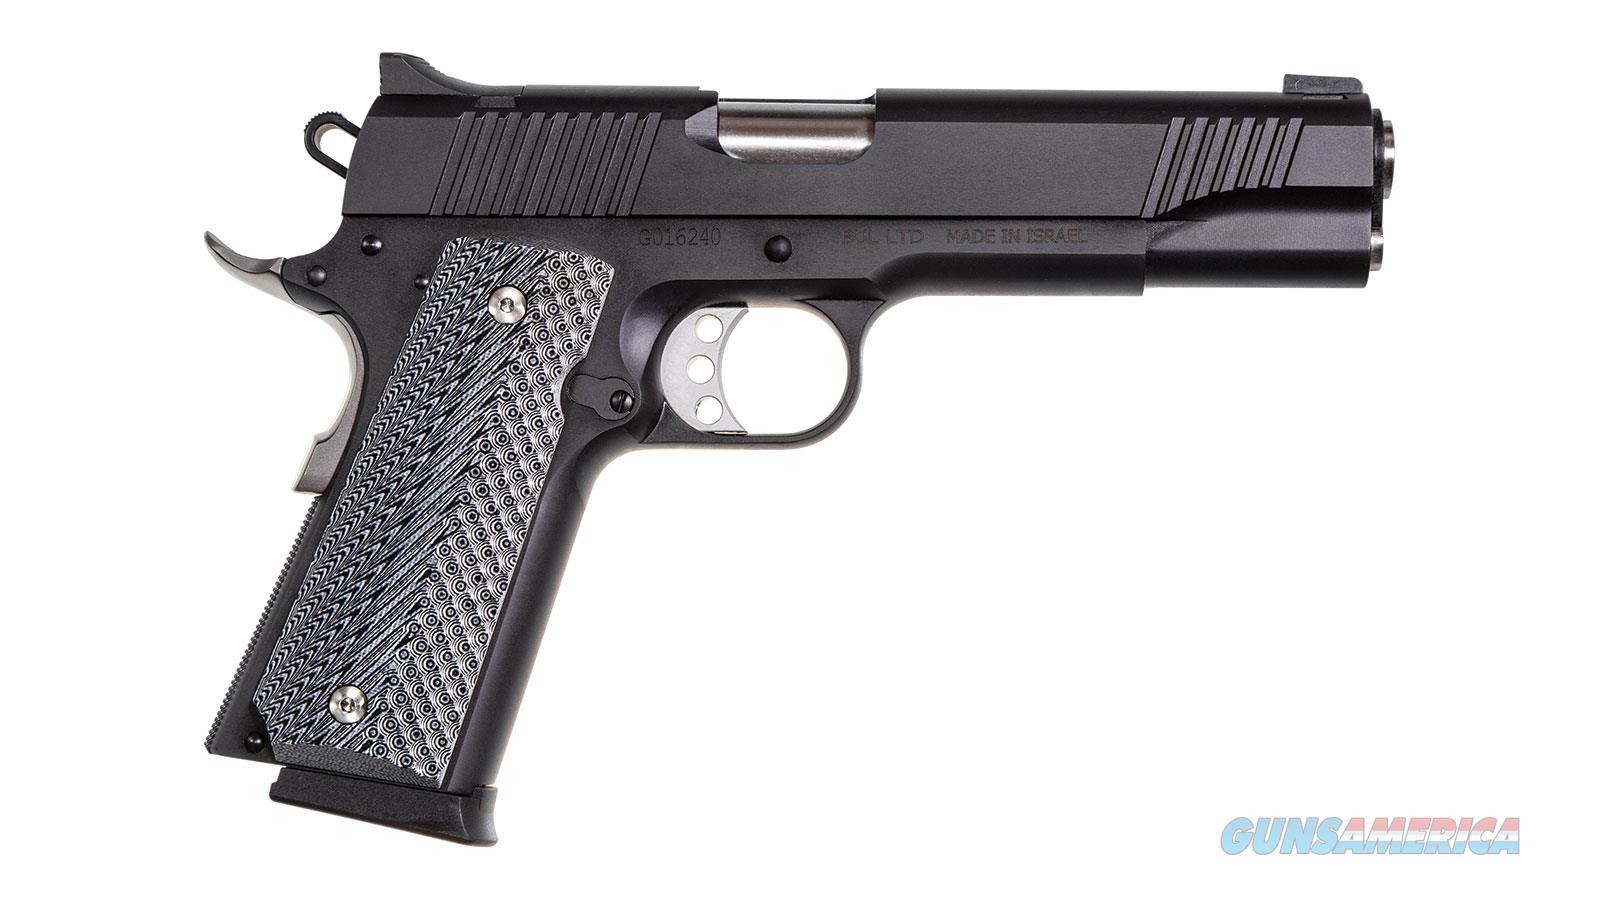 """Magnum Research De1911g Desert Eagle 1911 G Single 45 Automatic Colt Pistol (Acp) 5.1"""" 8+1 Black/Gray G10 Grip Black Carbon Steel DE1911G  Guns > Pistols > Magnum Research Pistols"""